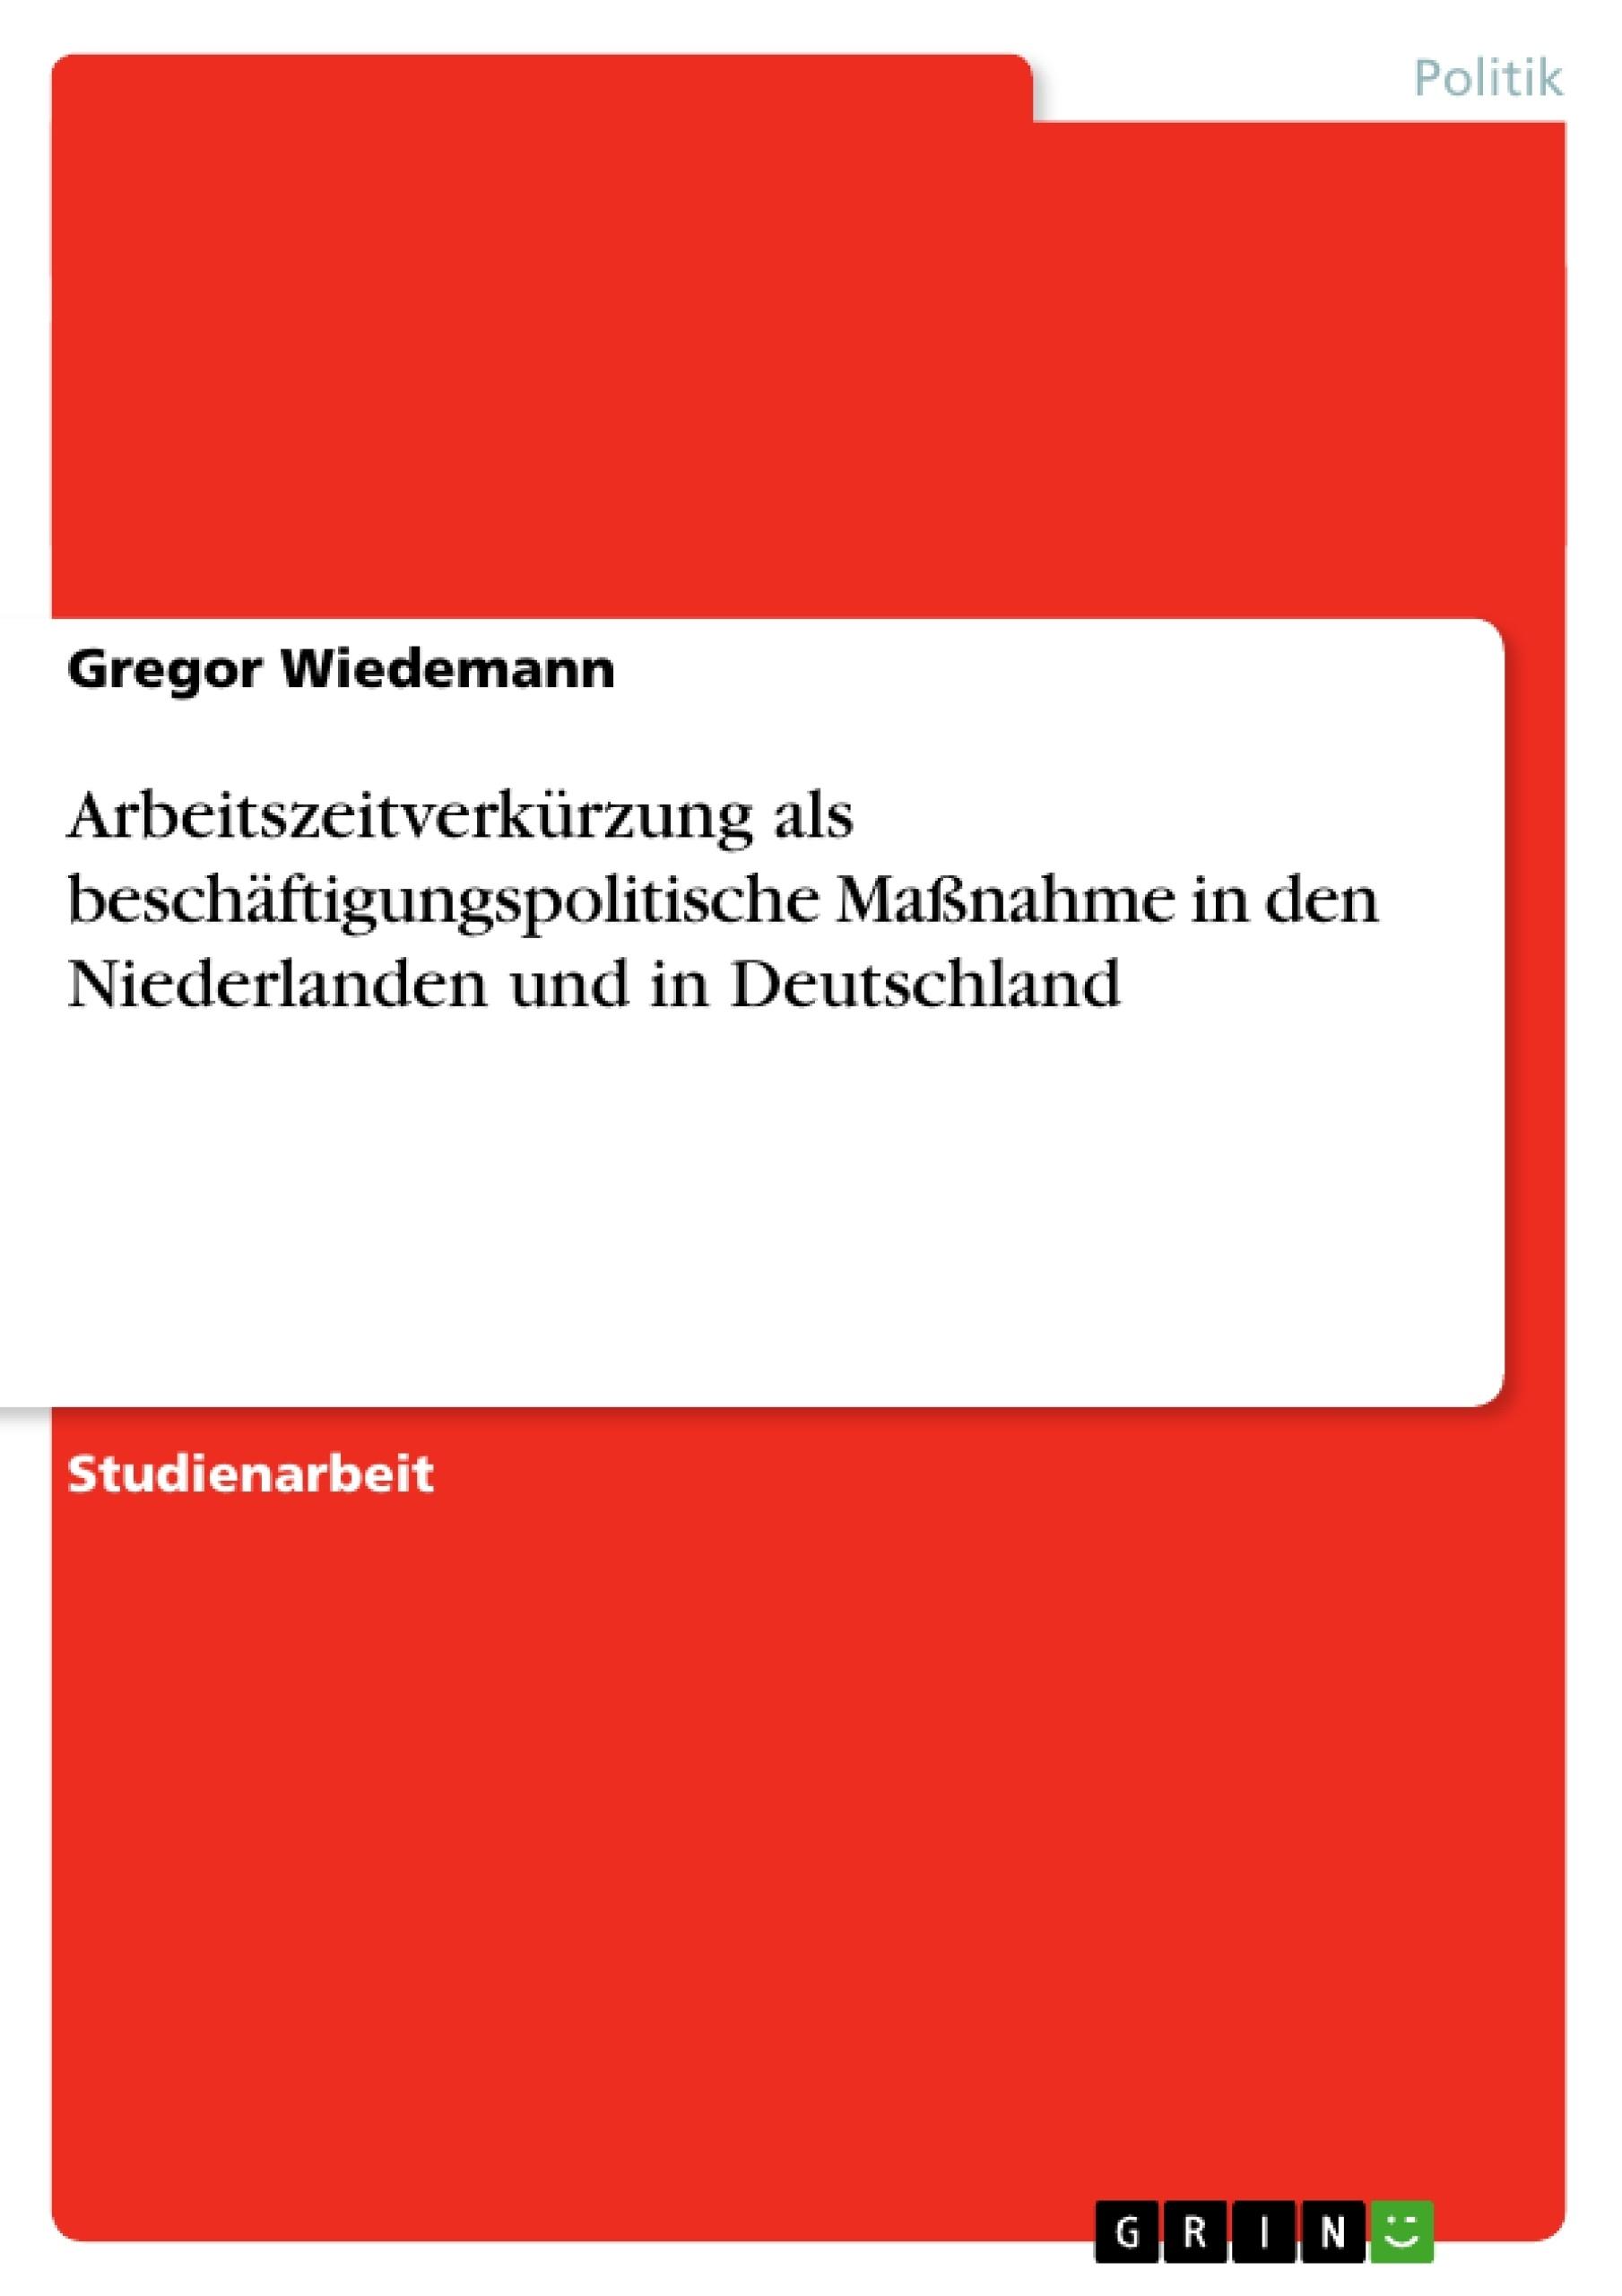 Titel: Arbeitszeitverkürzung als beschäftigungspolitische Maßnahme in den Niederlanden und in Deutschland